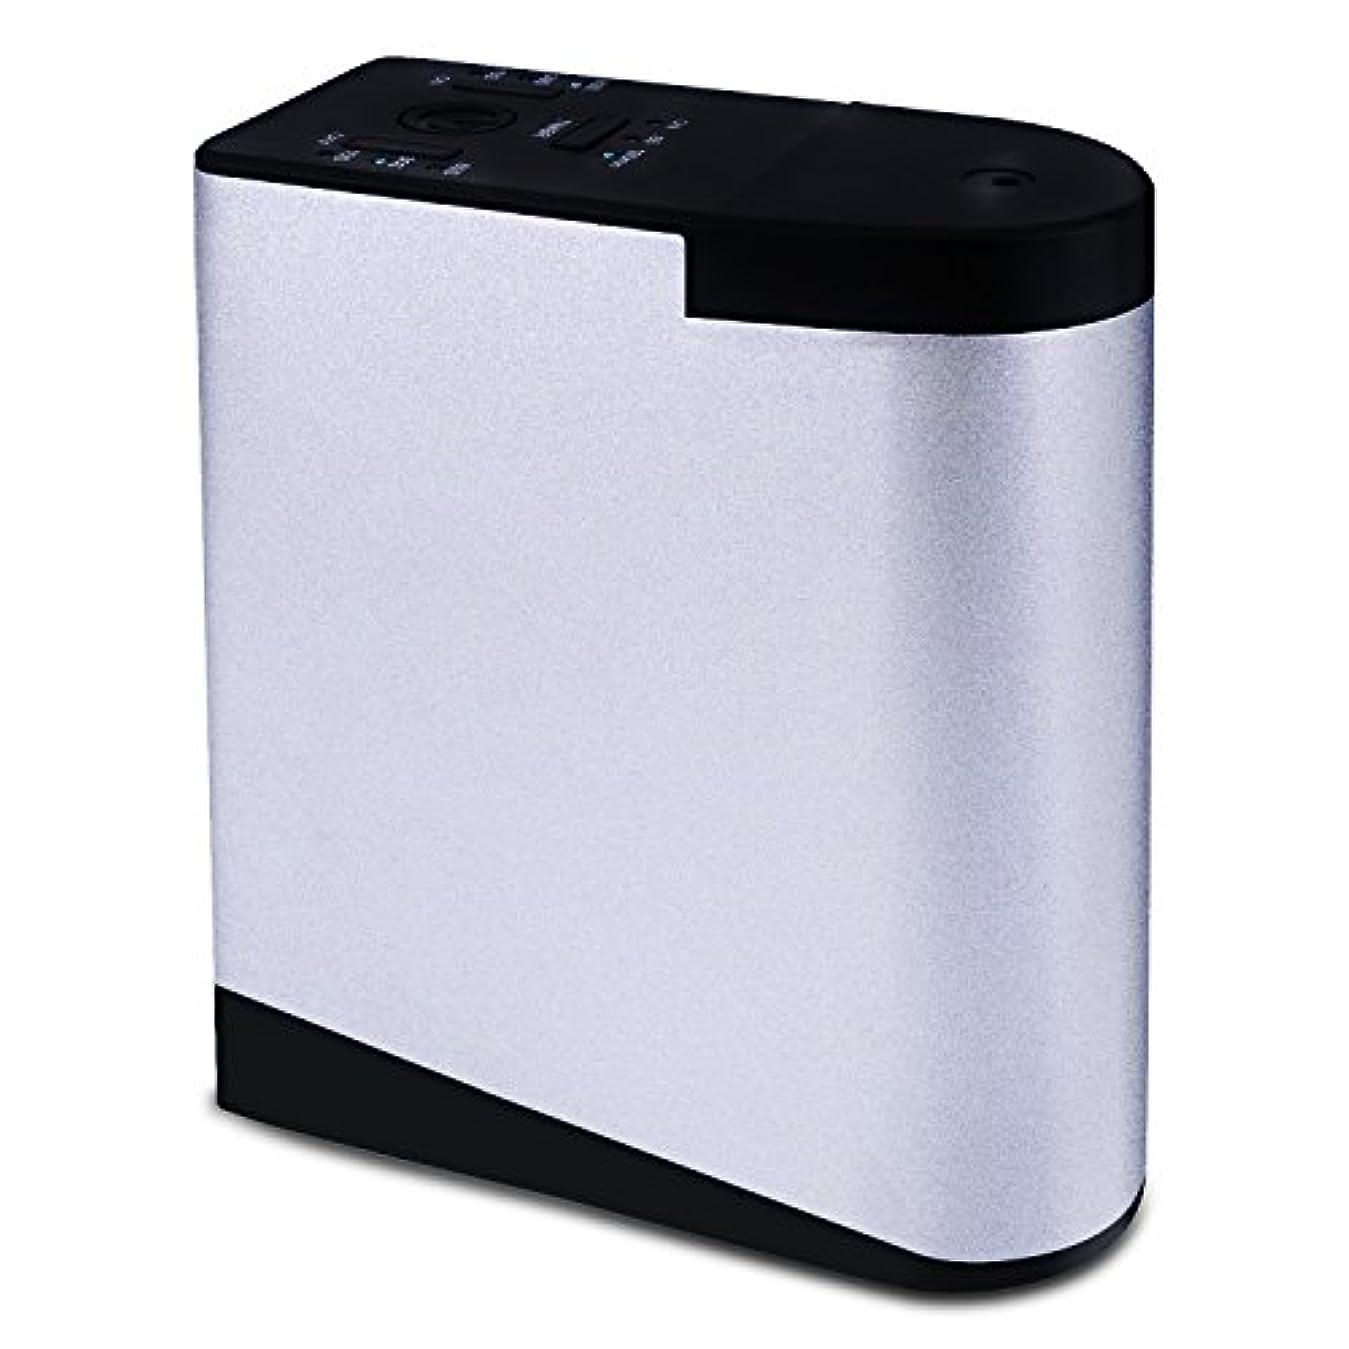 雇用者売上高積分ENERG e's Memory アロマディフューザー メモリー?タイマー機能 ネブライザー式 精油瓶2個スポイト付き T11-EN098